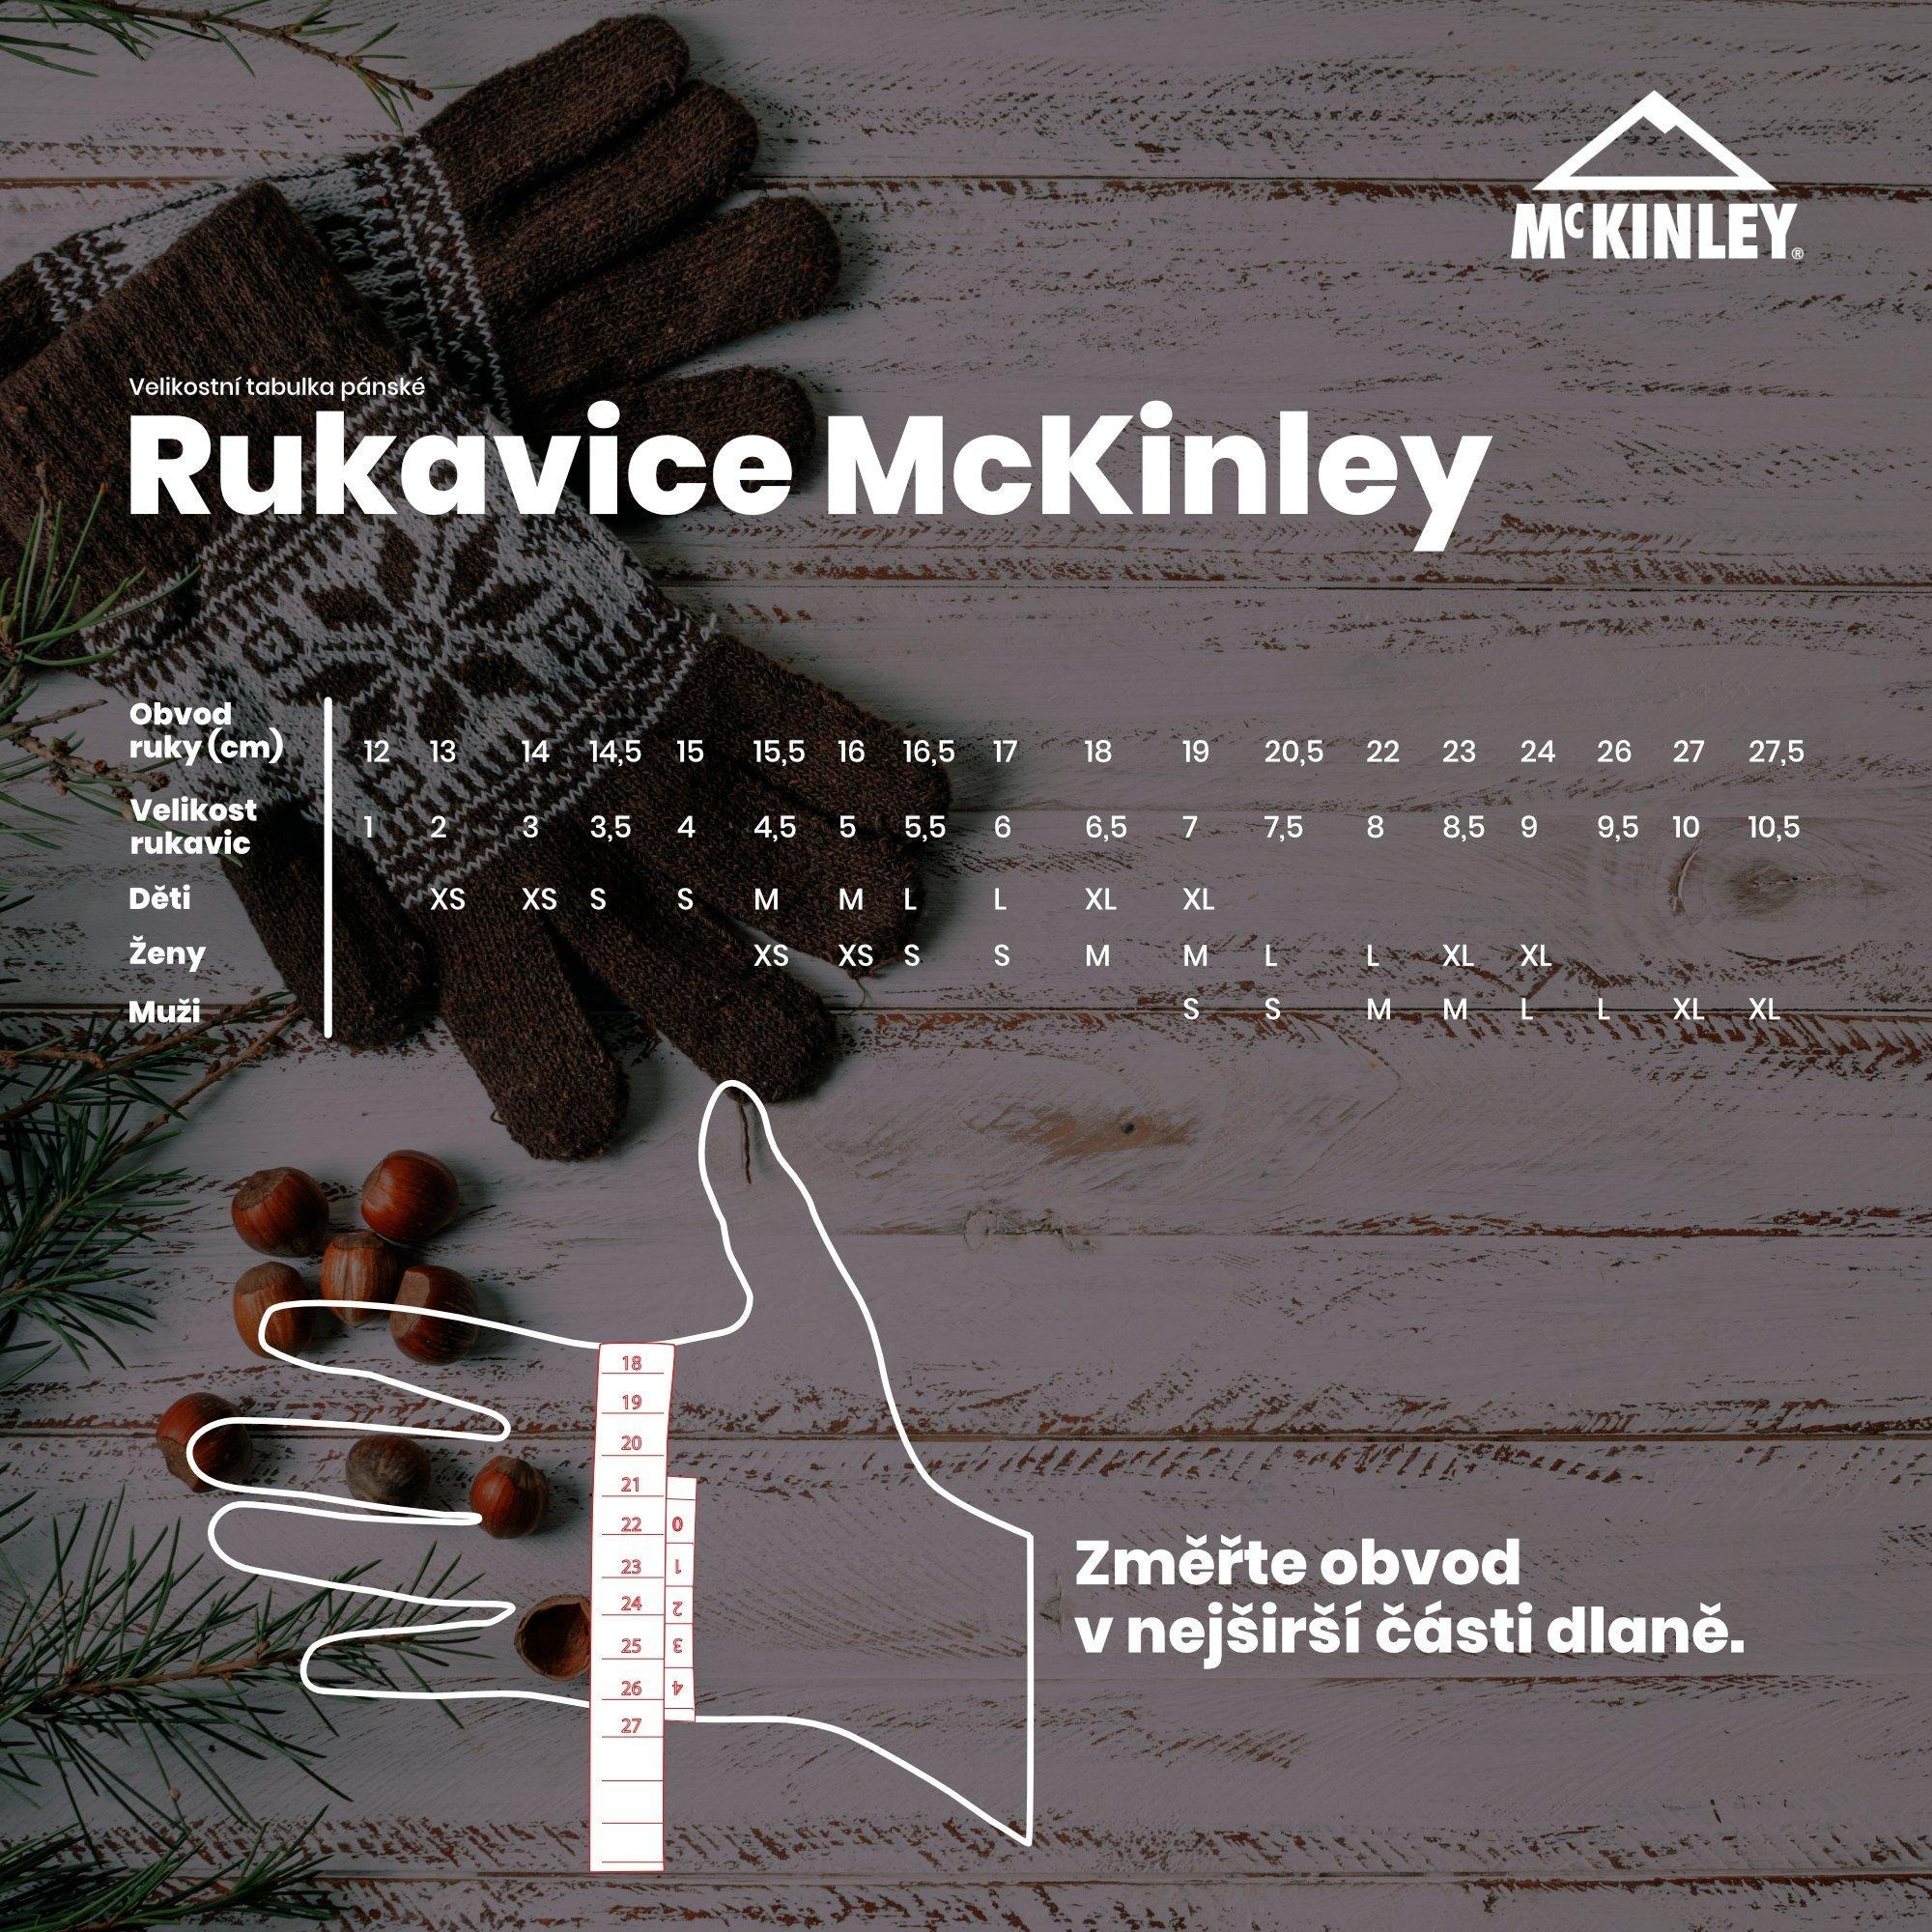 velikostni-tabulka-mckinley-rukavice